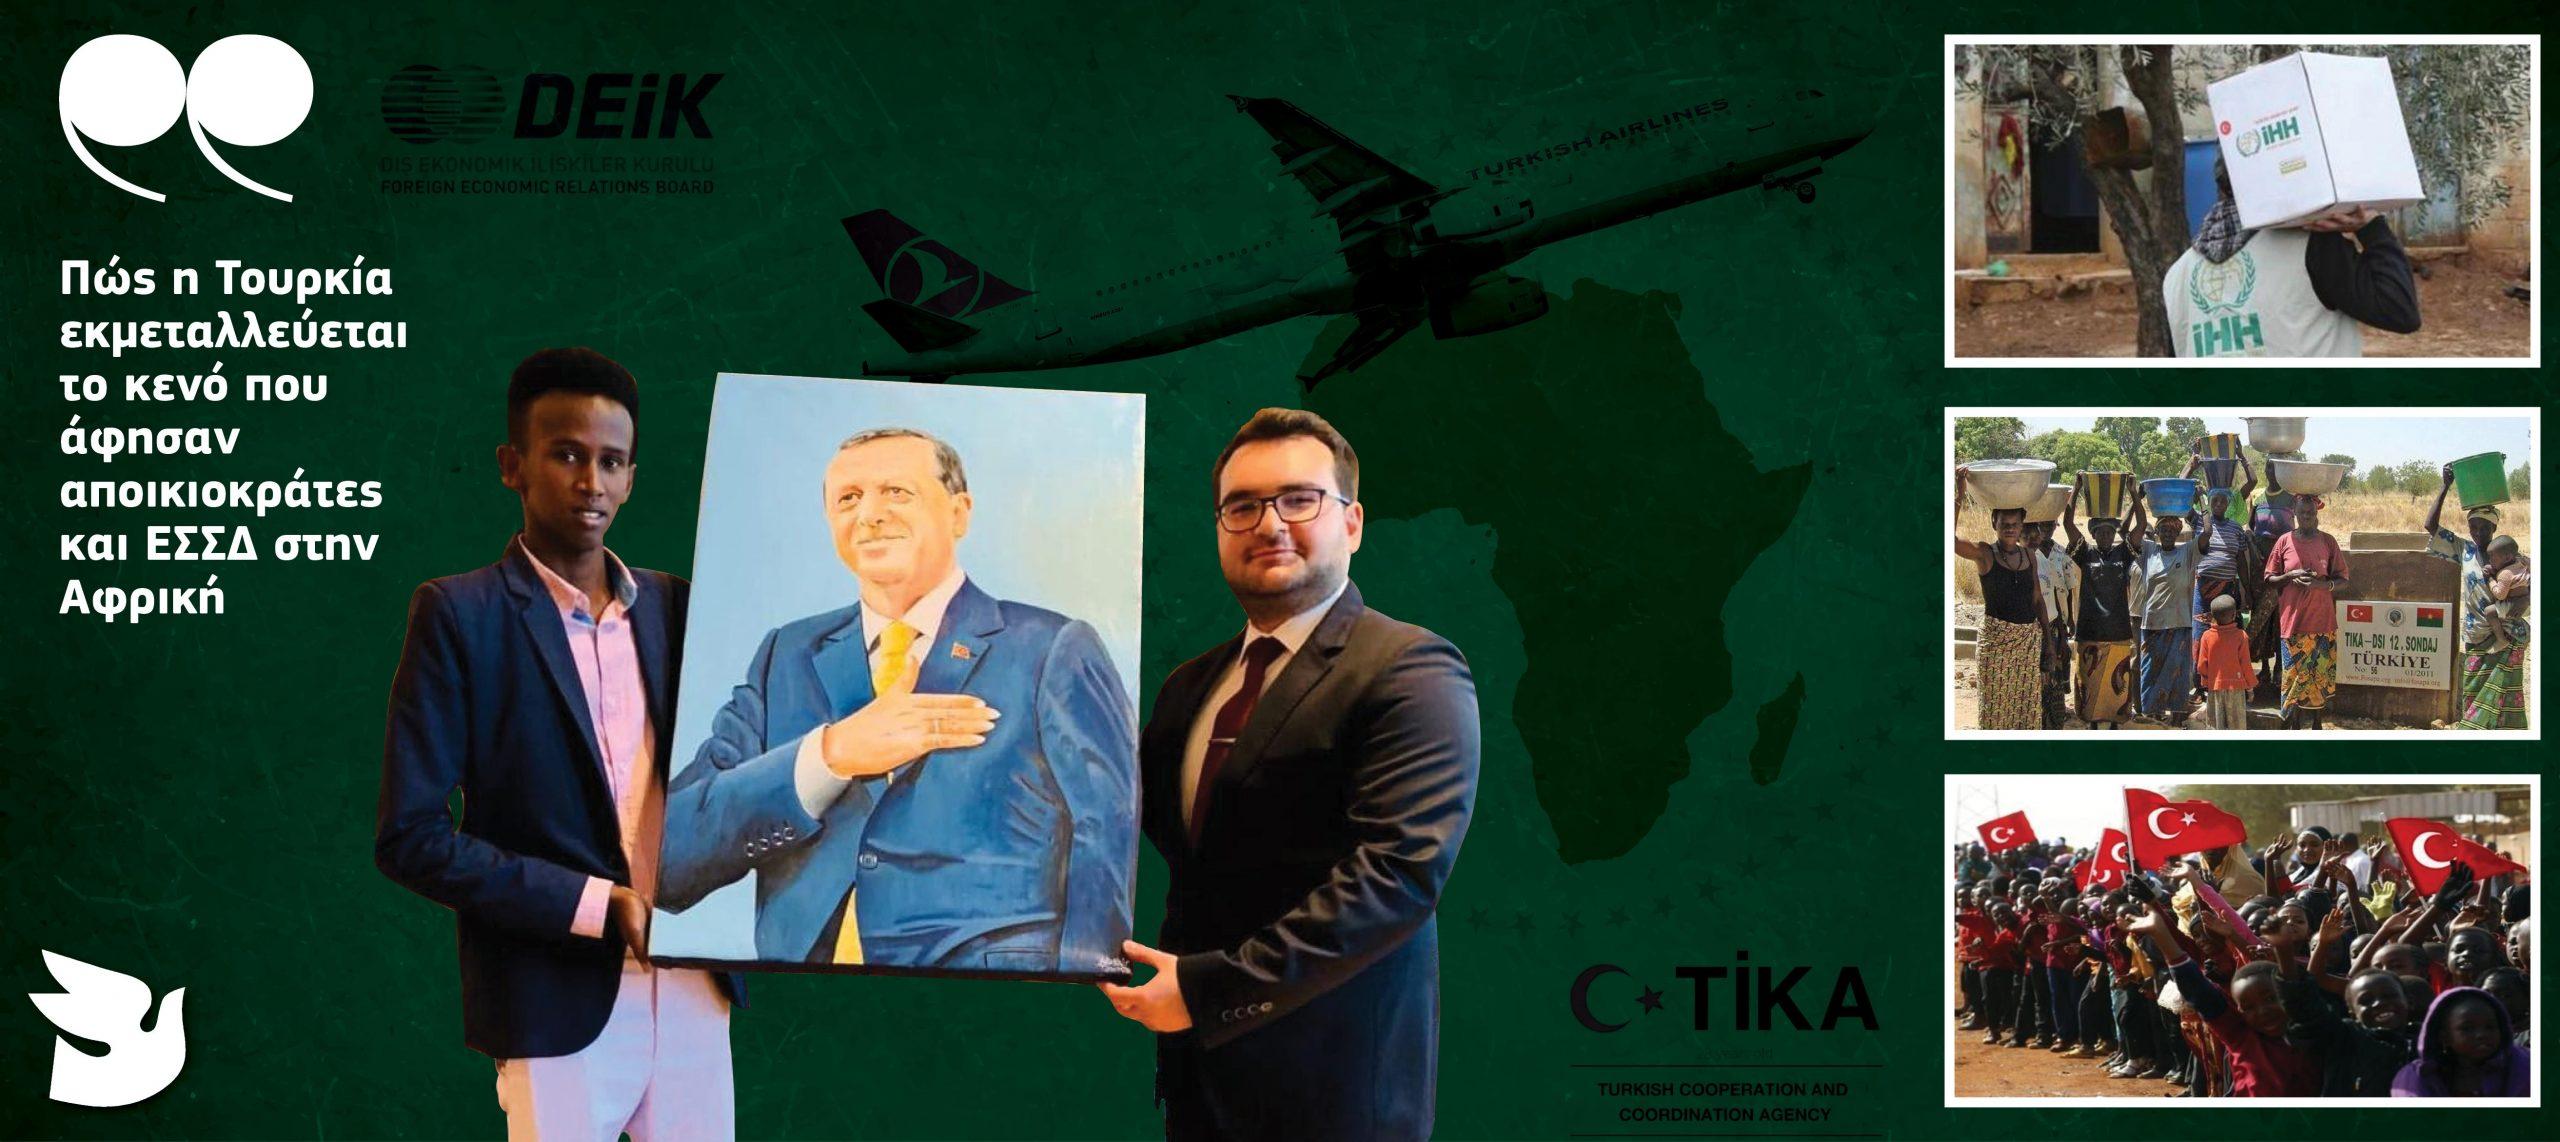 Τουρκική διείσδυση στην Μαύρη Ήπειρο: Αφρικανική Ένωση, επιχειρήσεις, ΜΚΟ